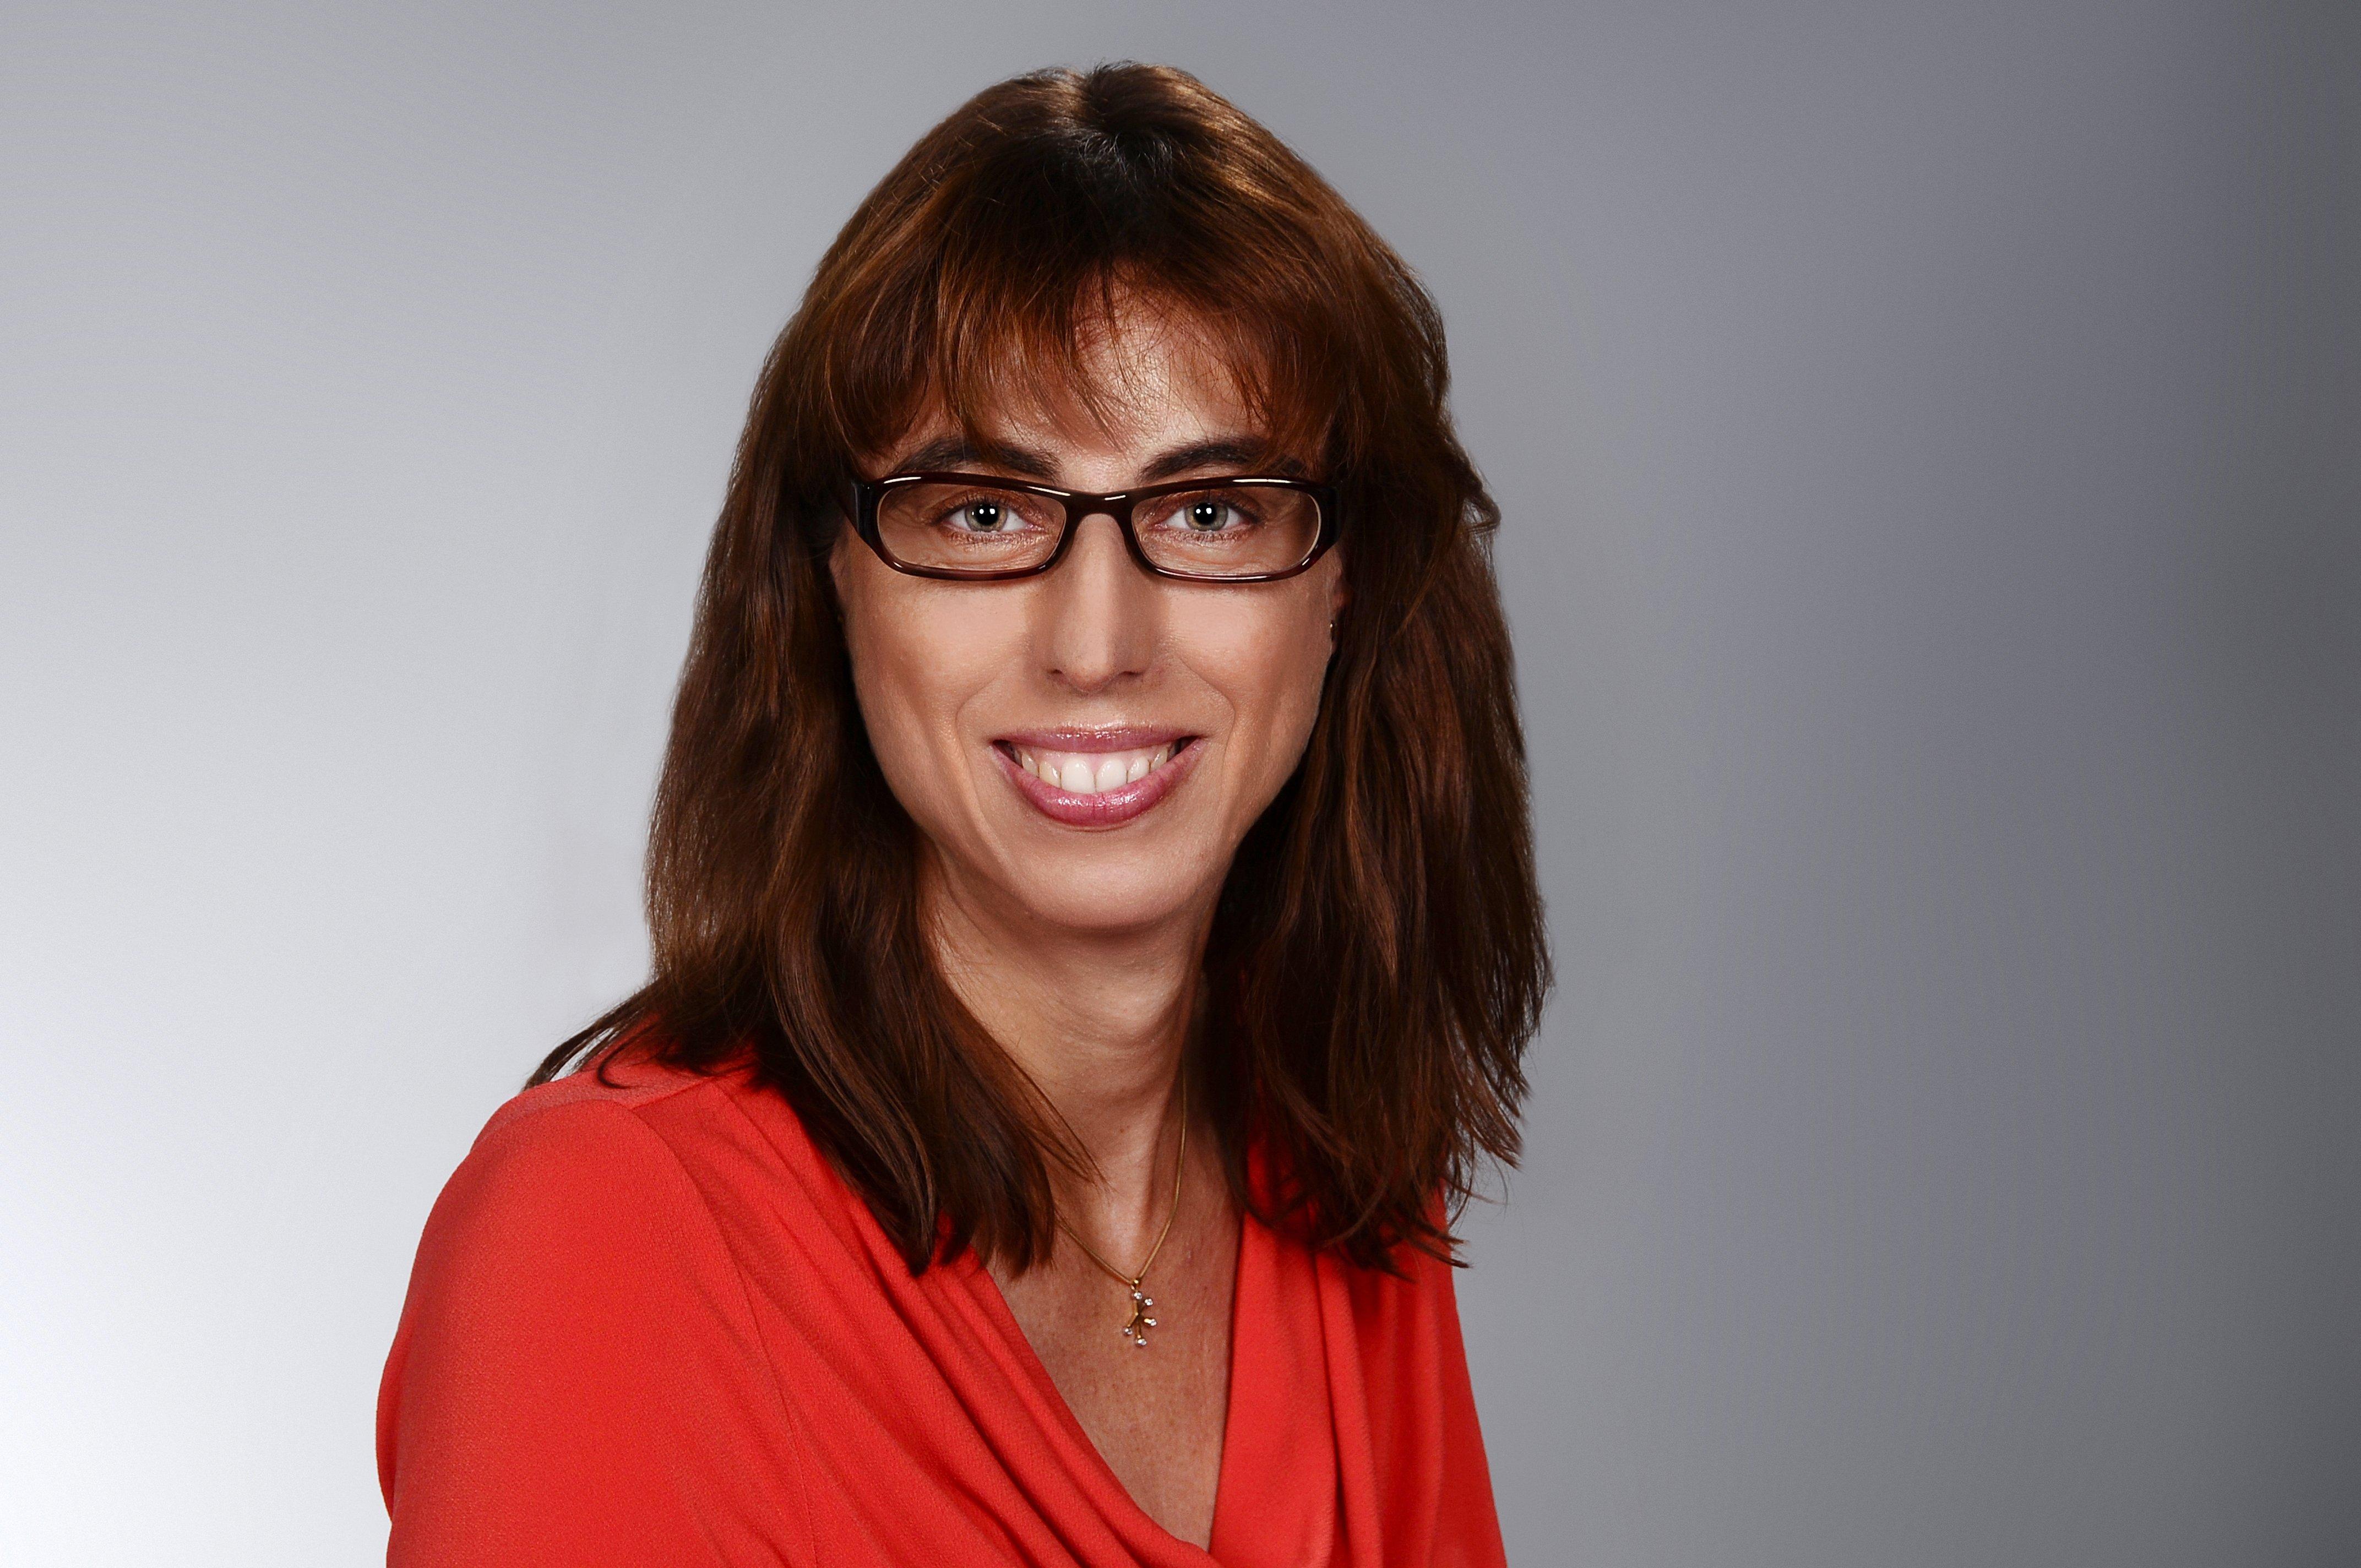 Sabrina Schulze